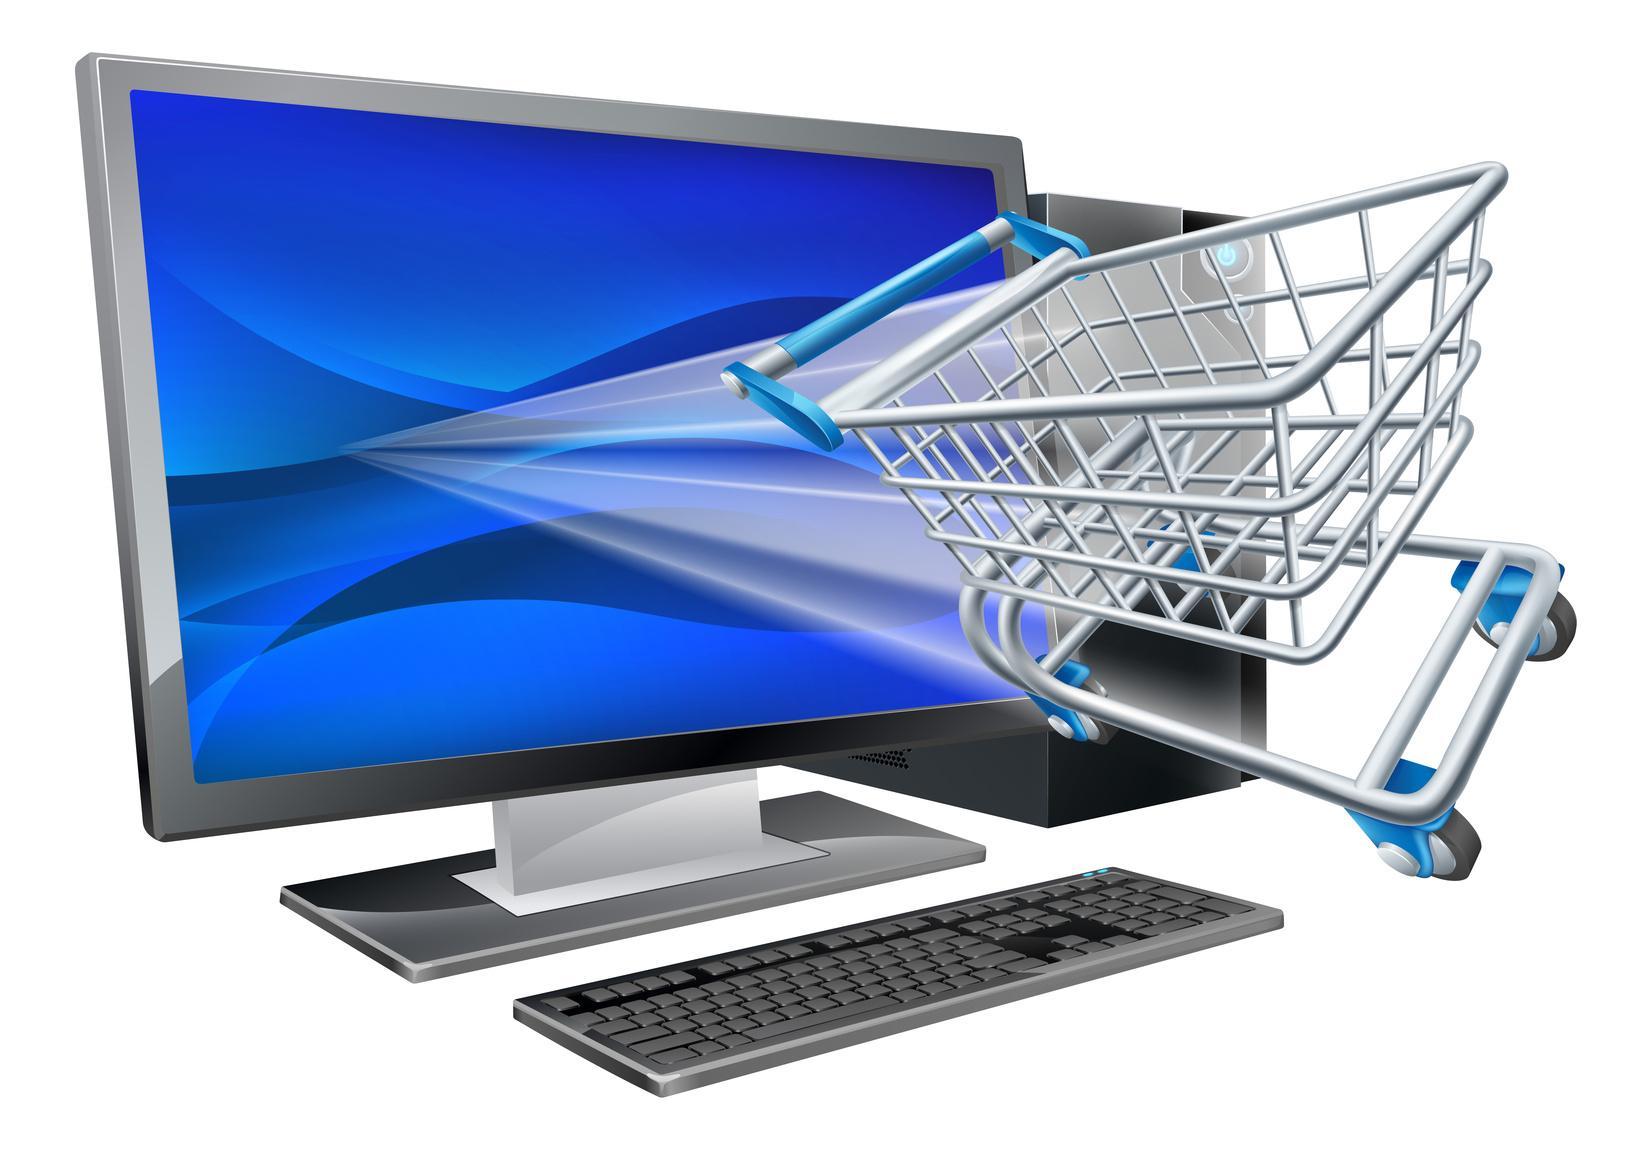 f7044a115a9a MRP obchod - Internetový obchod STANDARD